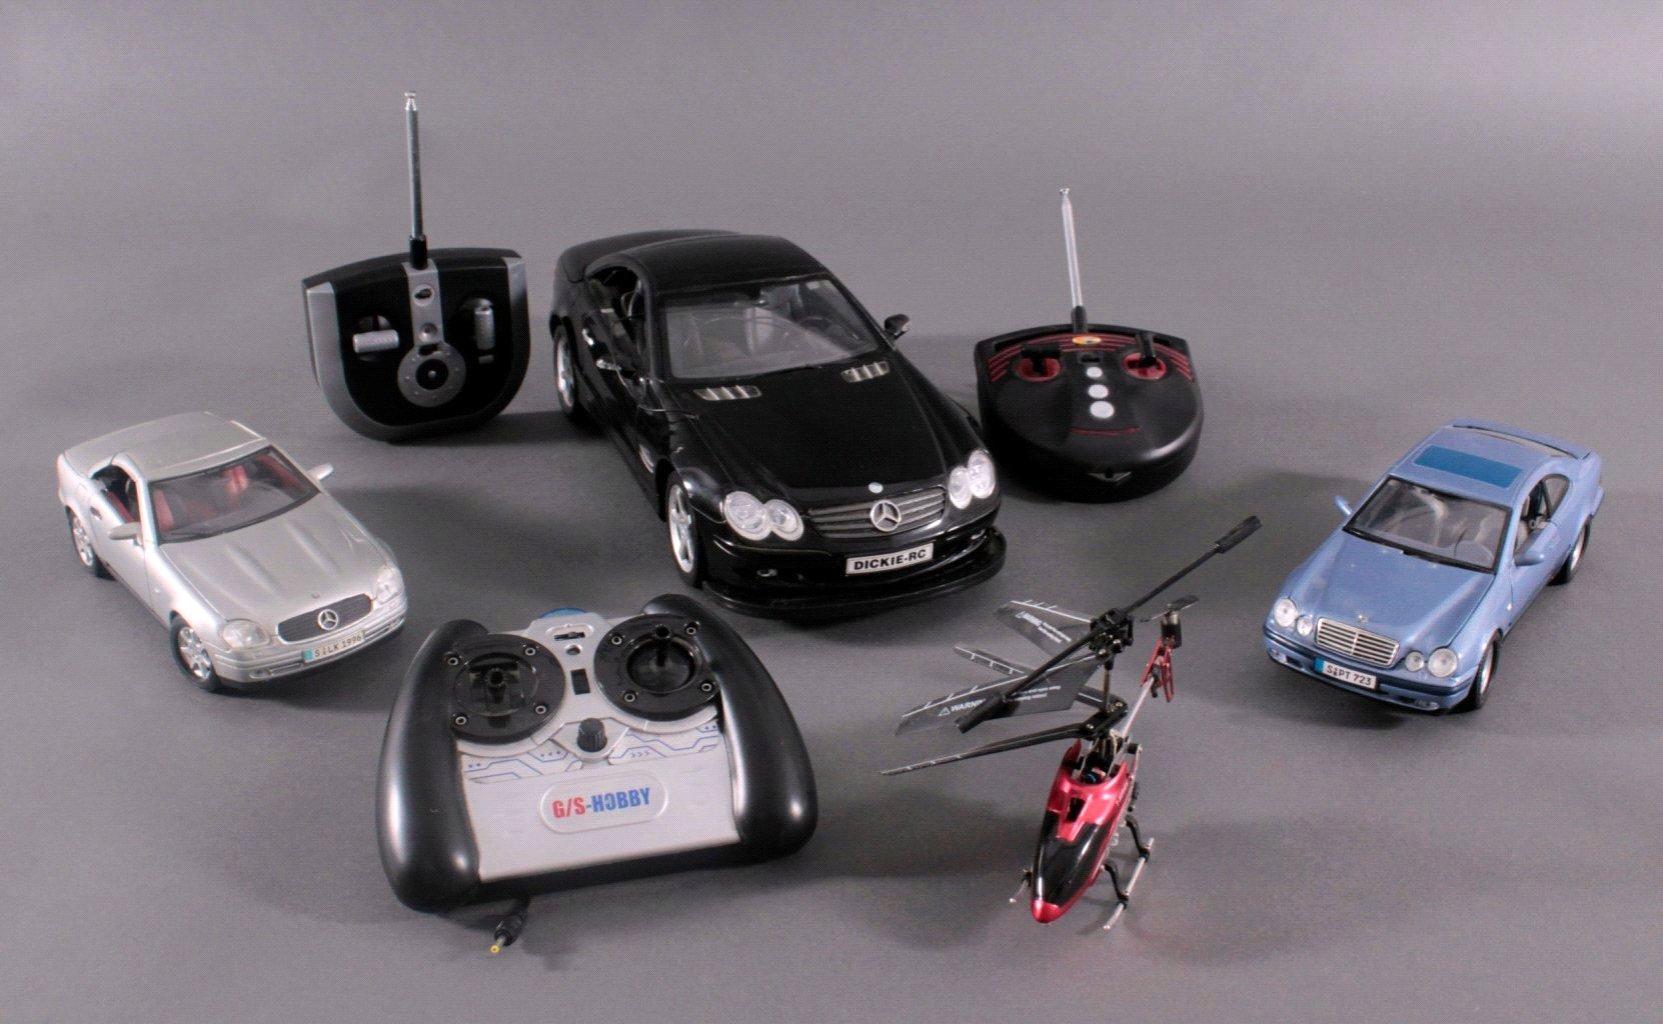 Modell-Sportwagen und Helikopter